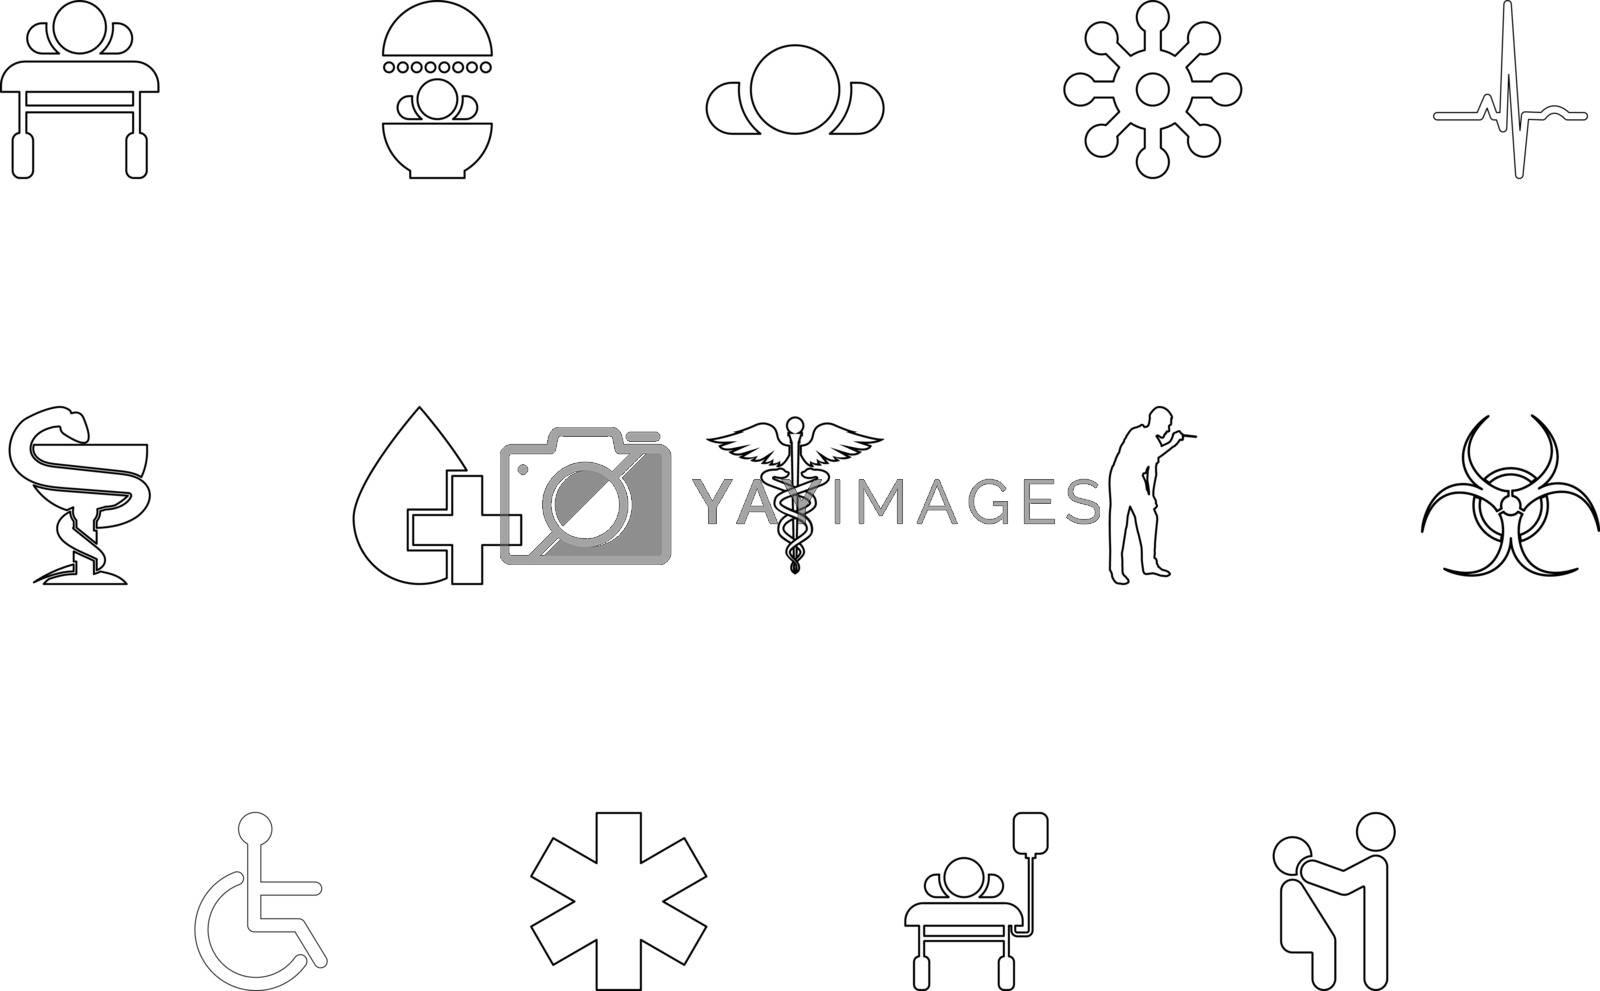 Medical symbol treatment concept outline black color set solid style vector illustration